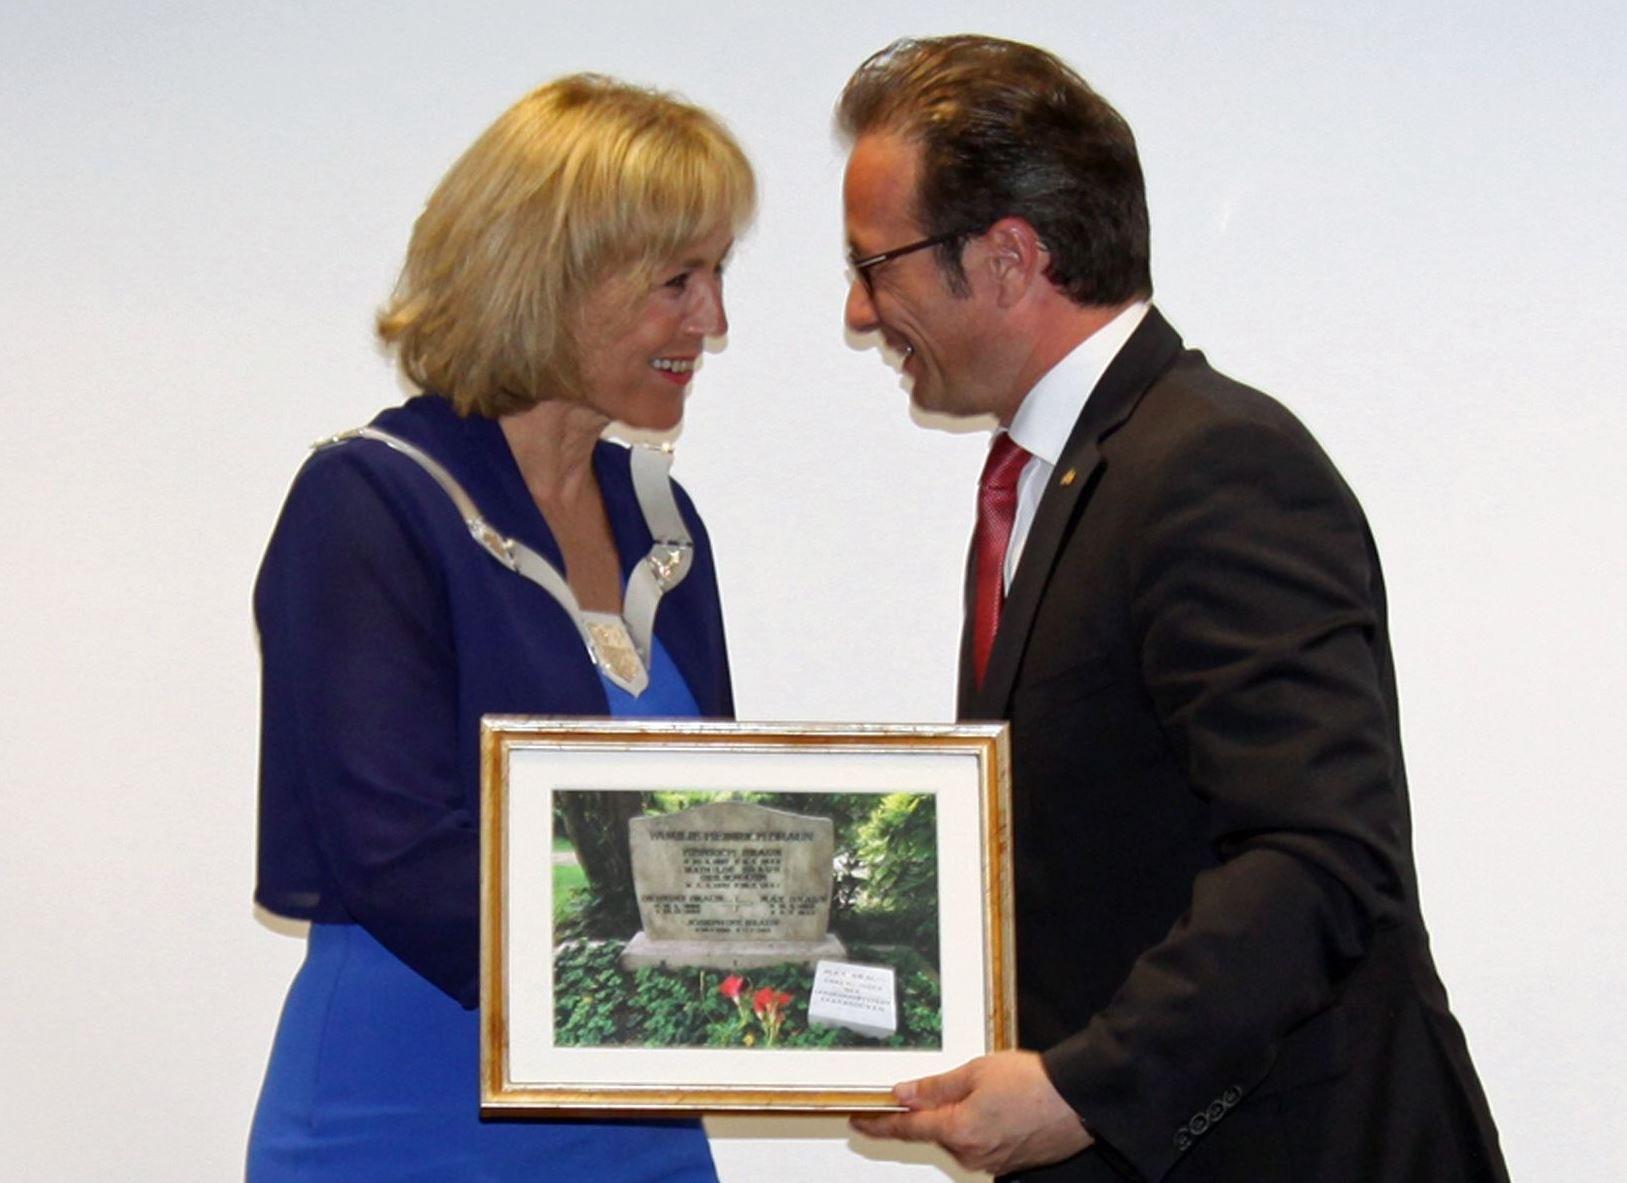 Bürgermeister Reiner Breuer überreichte seiner Kollegin Charlotte Britz, Oberbürgermeisterin von Saarbrücken, als Geschenk ein gerahmtes Bild von Max Brauns Grab, Foto: Landeshauptstadt Saarbrücken.